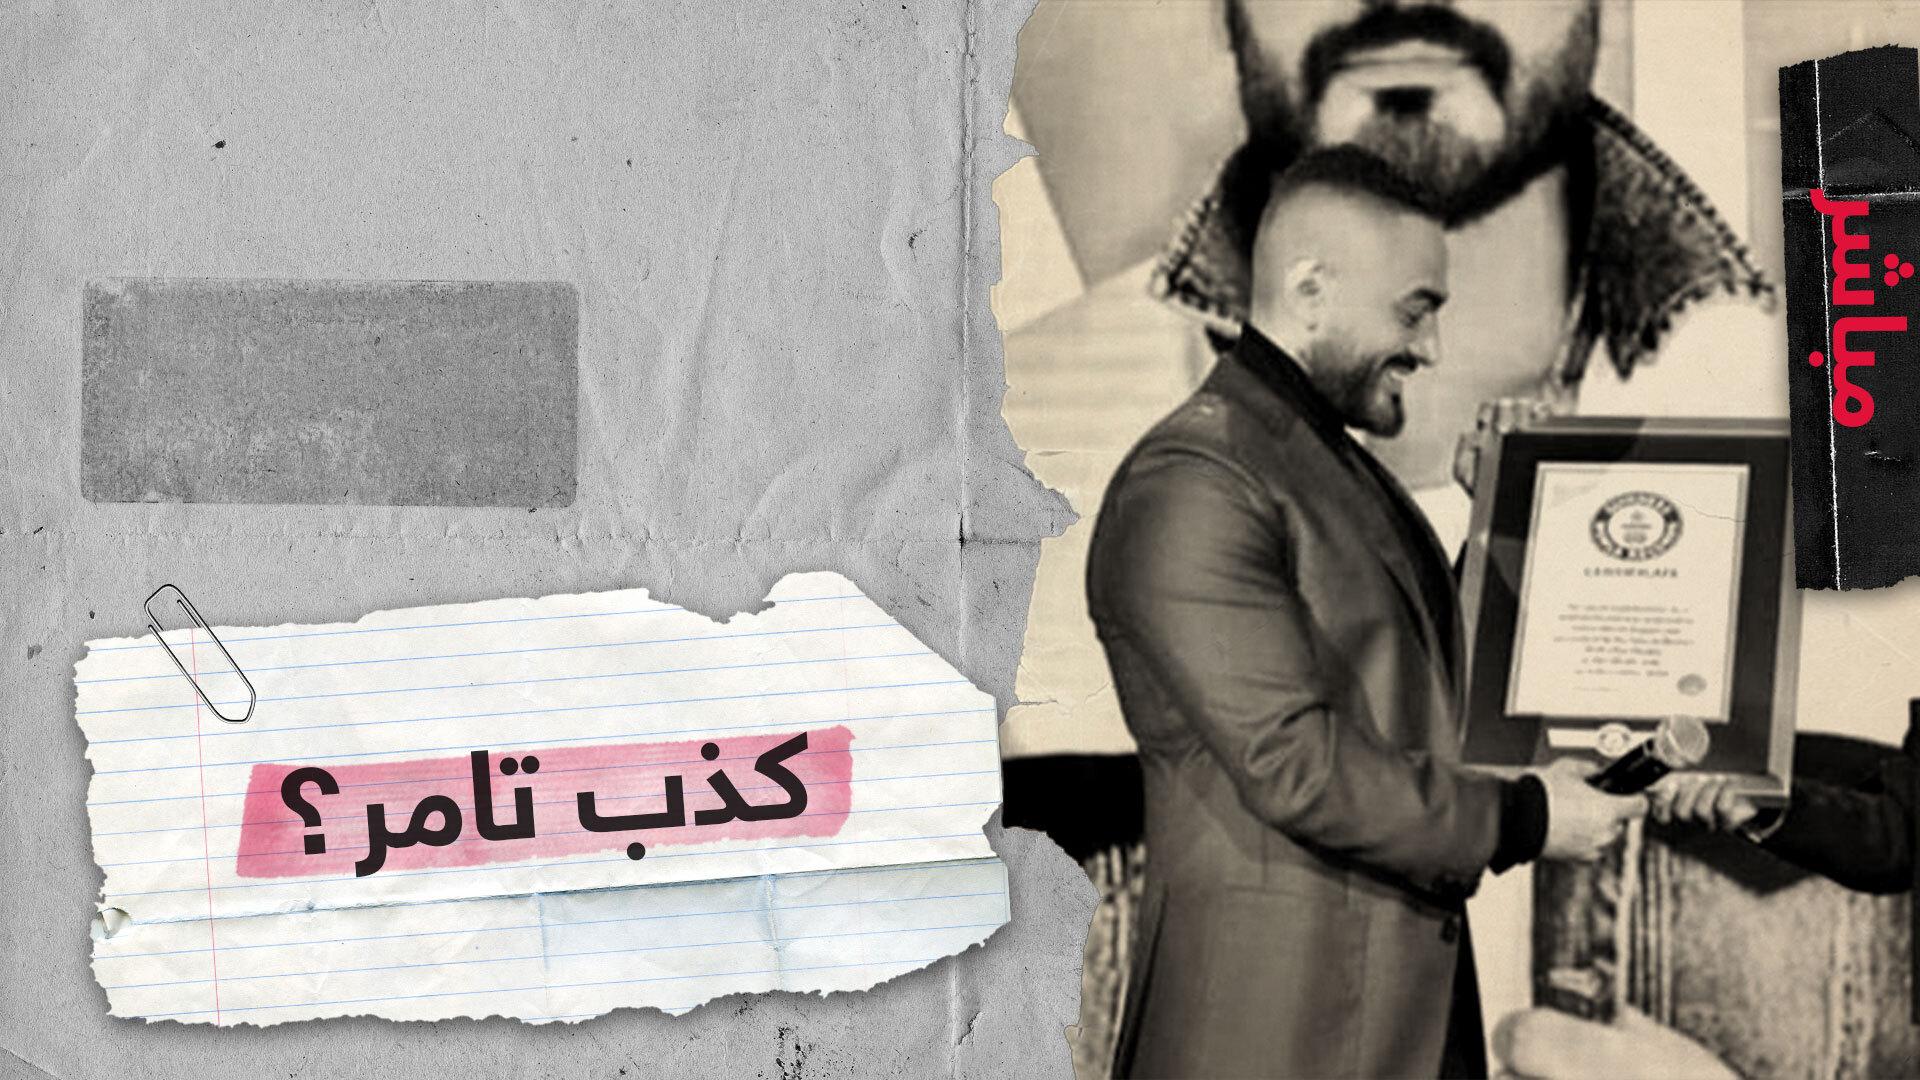 تامر حسني في موسوعة غينيس  الفنان الأكثر تأثيرا في العالم؟